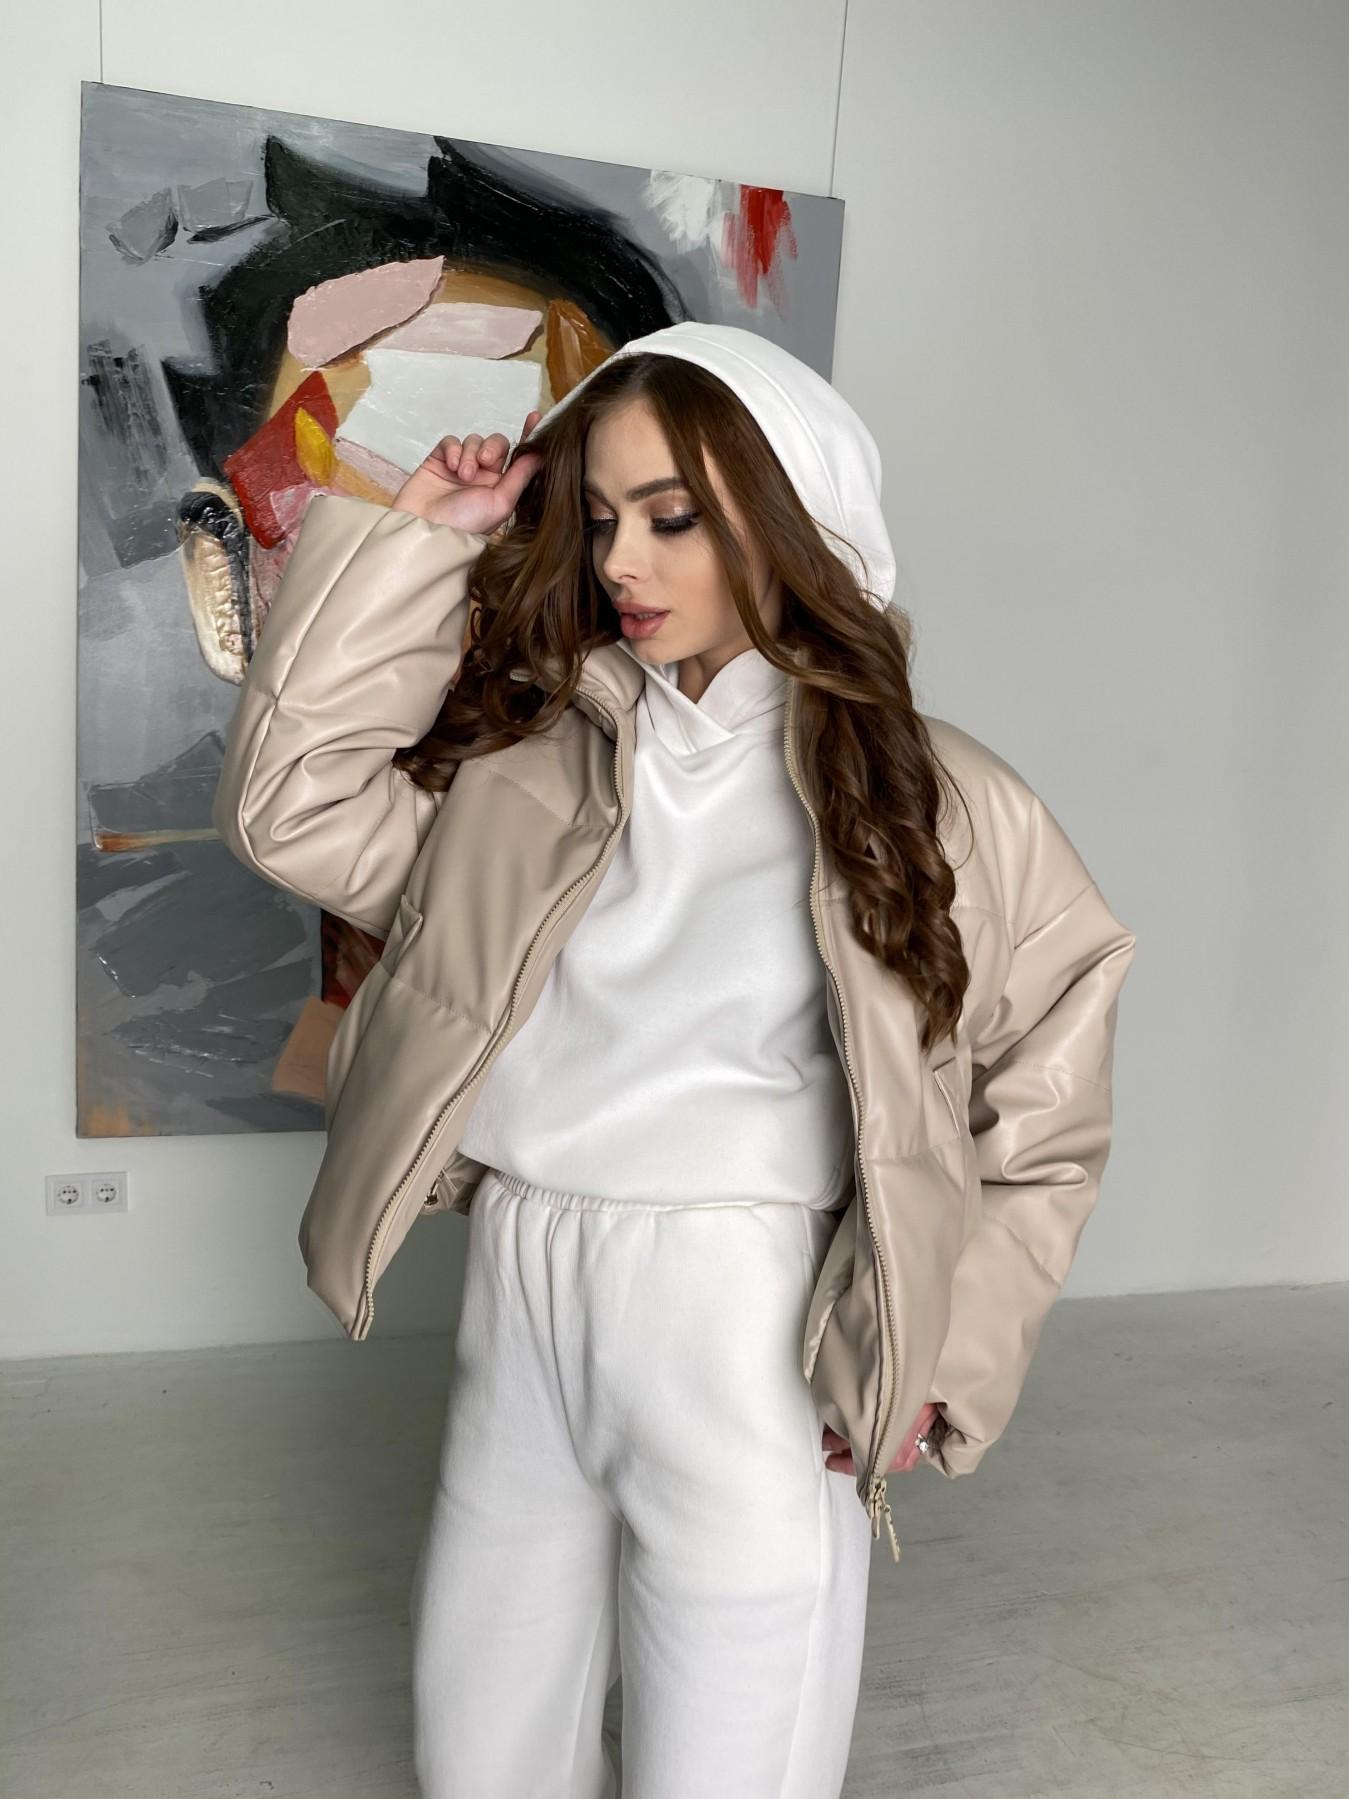 Драйв куртка из  экокожи  10499 АРТ. 46844 Цвет: Бежевый 2 - фото 7, интернет магазин tm-modus.ru